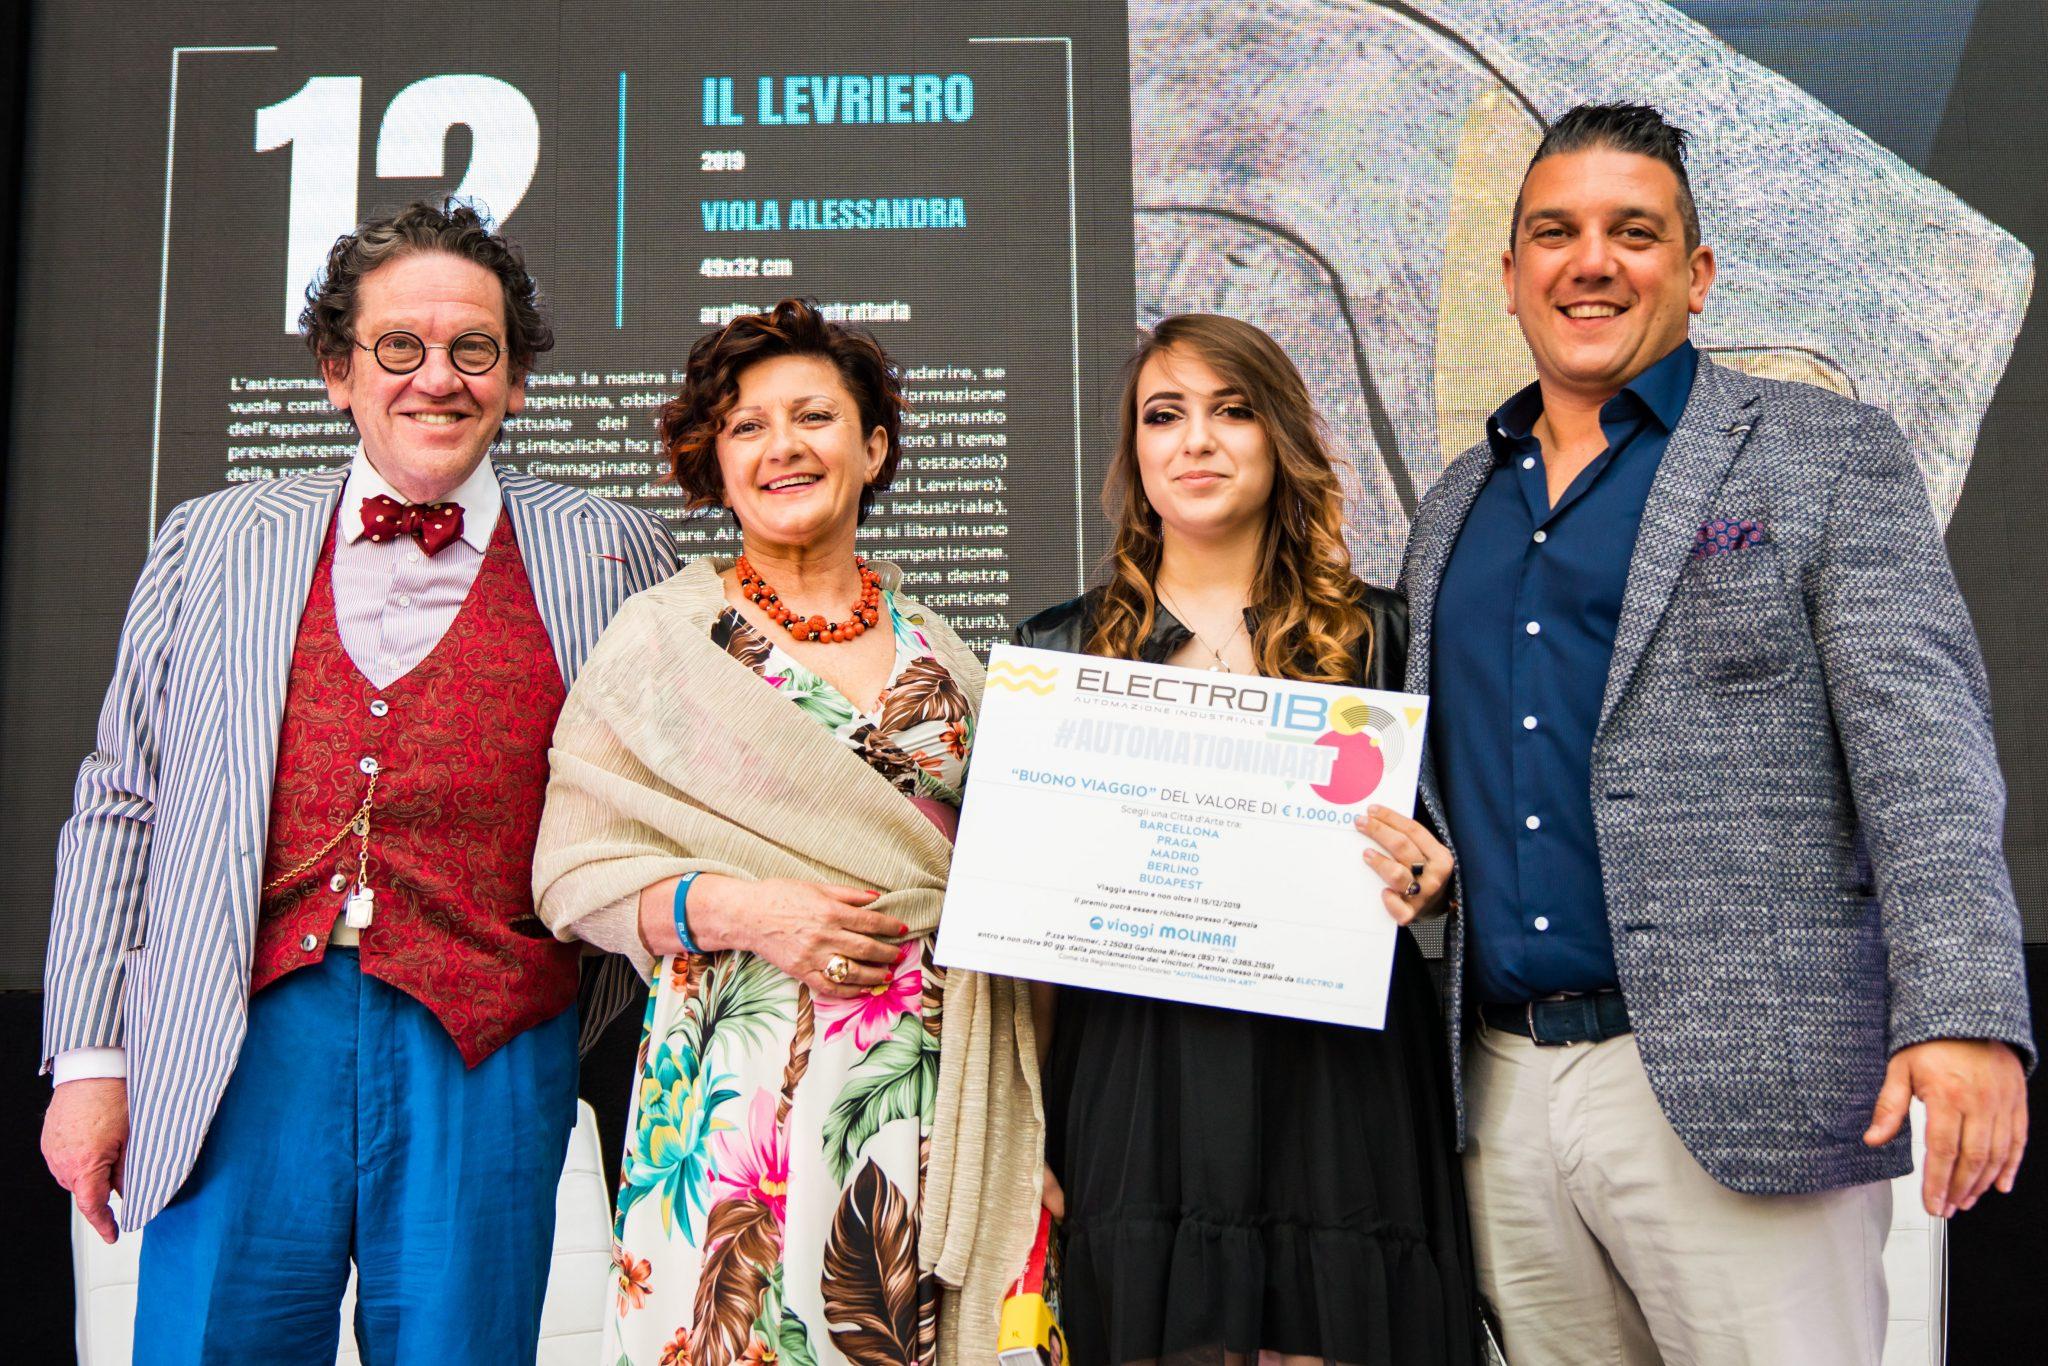 Automation in Art: la visione della vincitrice Alessandra Viola, di ritorno da Madrid